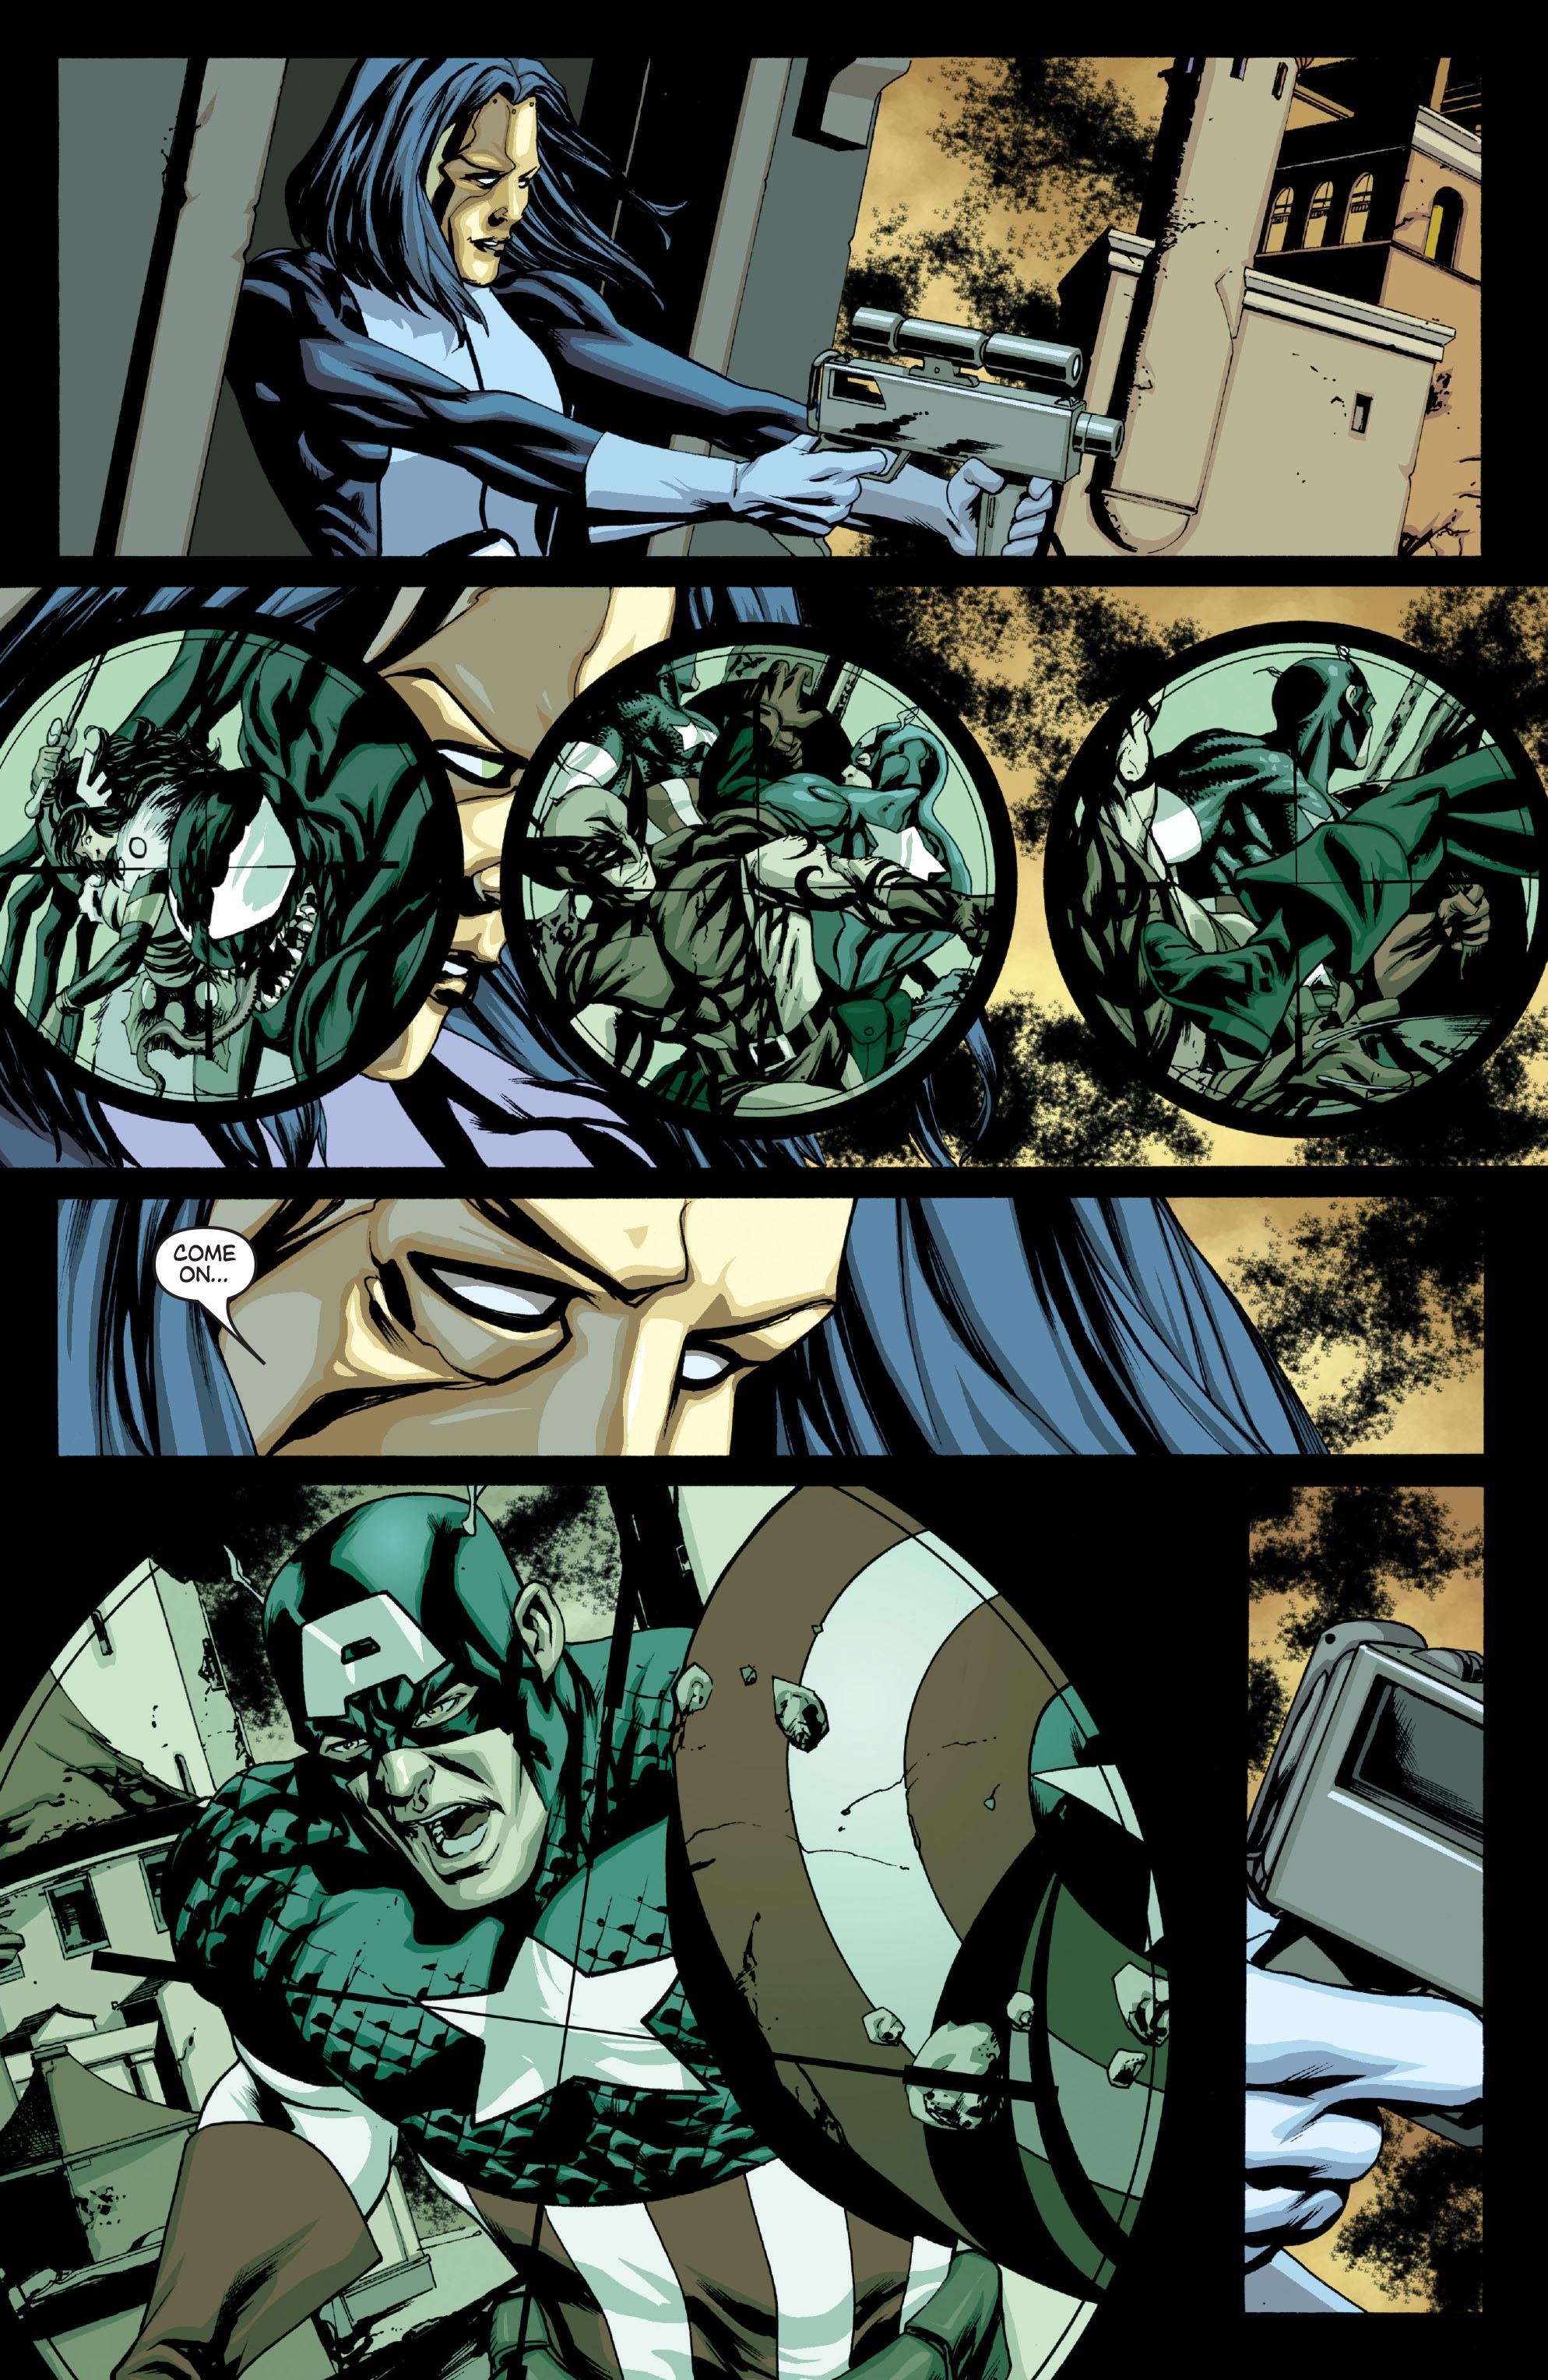 New Avengers (2005) chap 64 pic 11